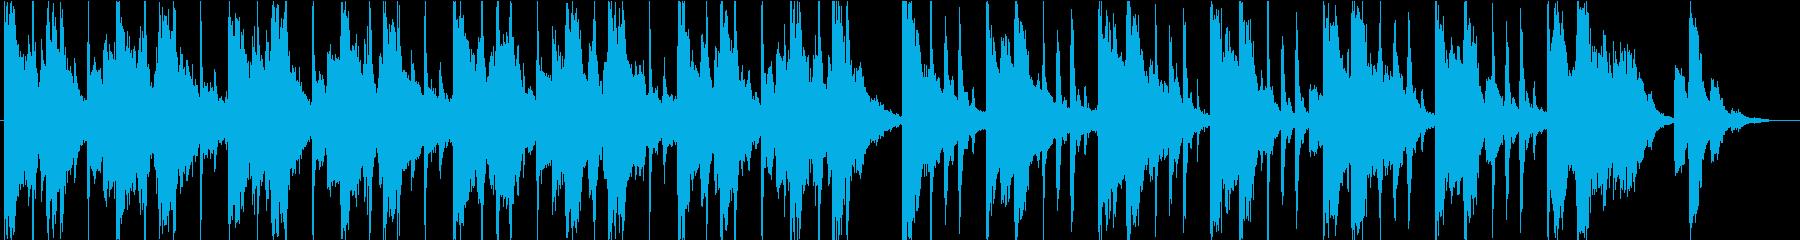 シティポップ/R&B_No460_5の再生済みの波形